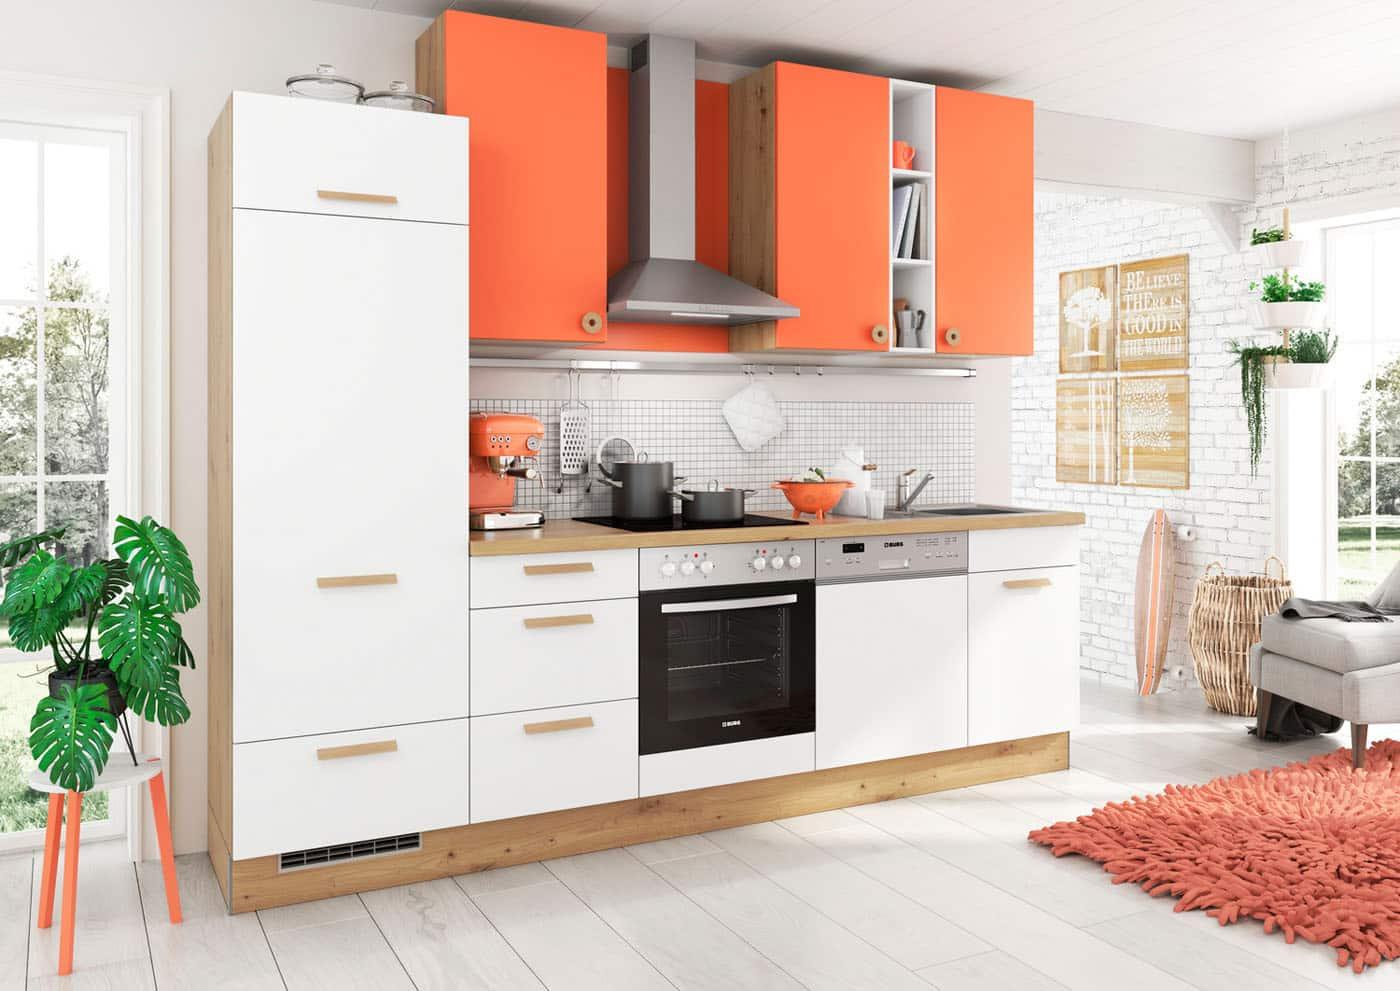 Küchenzeile Cindy Burger weiss-coral